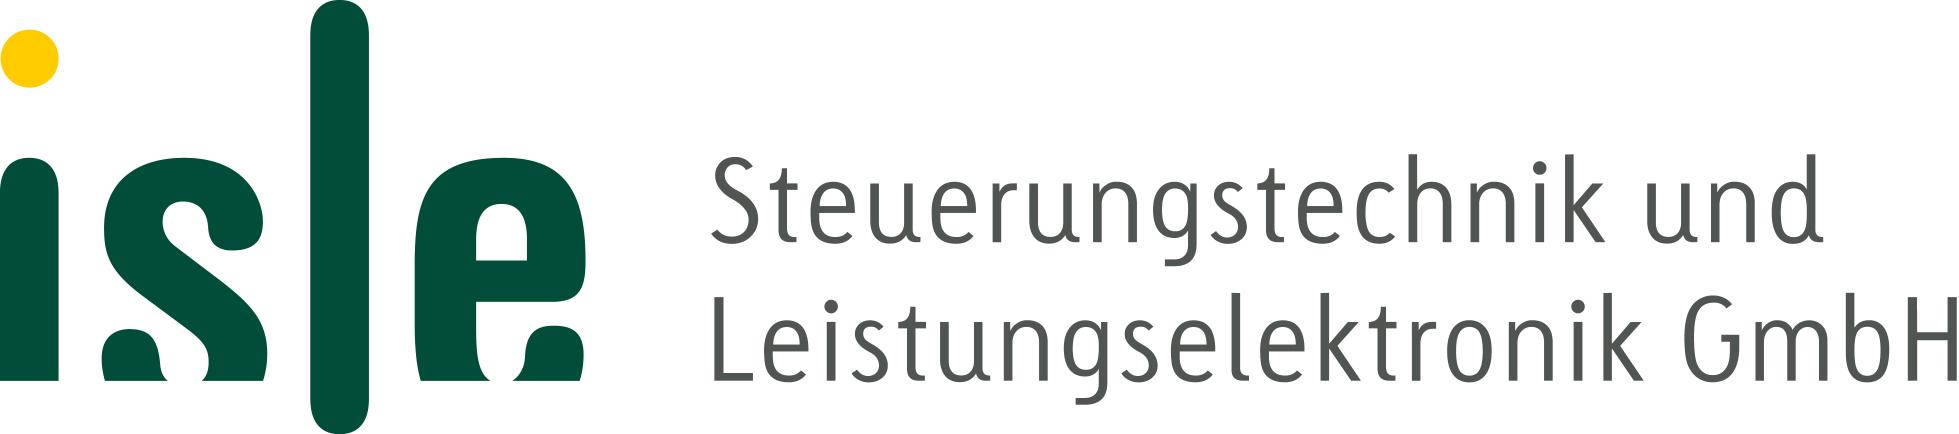 Bild Logo Isle Steuerungstechnik & Leitungselektronik GmbH